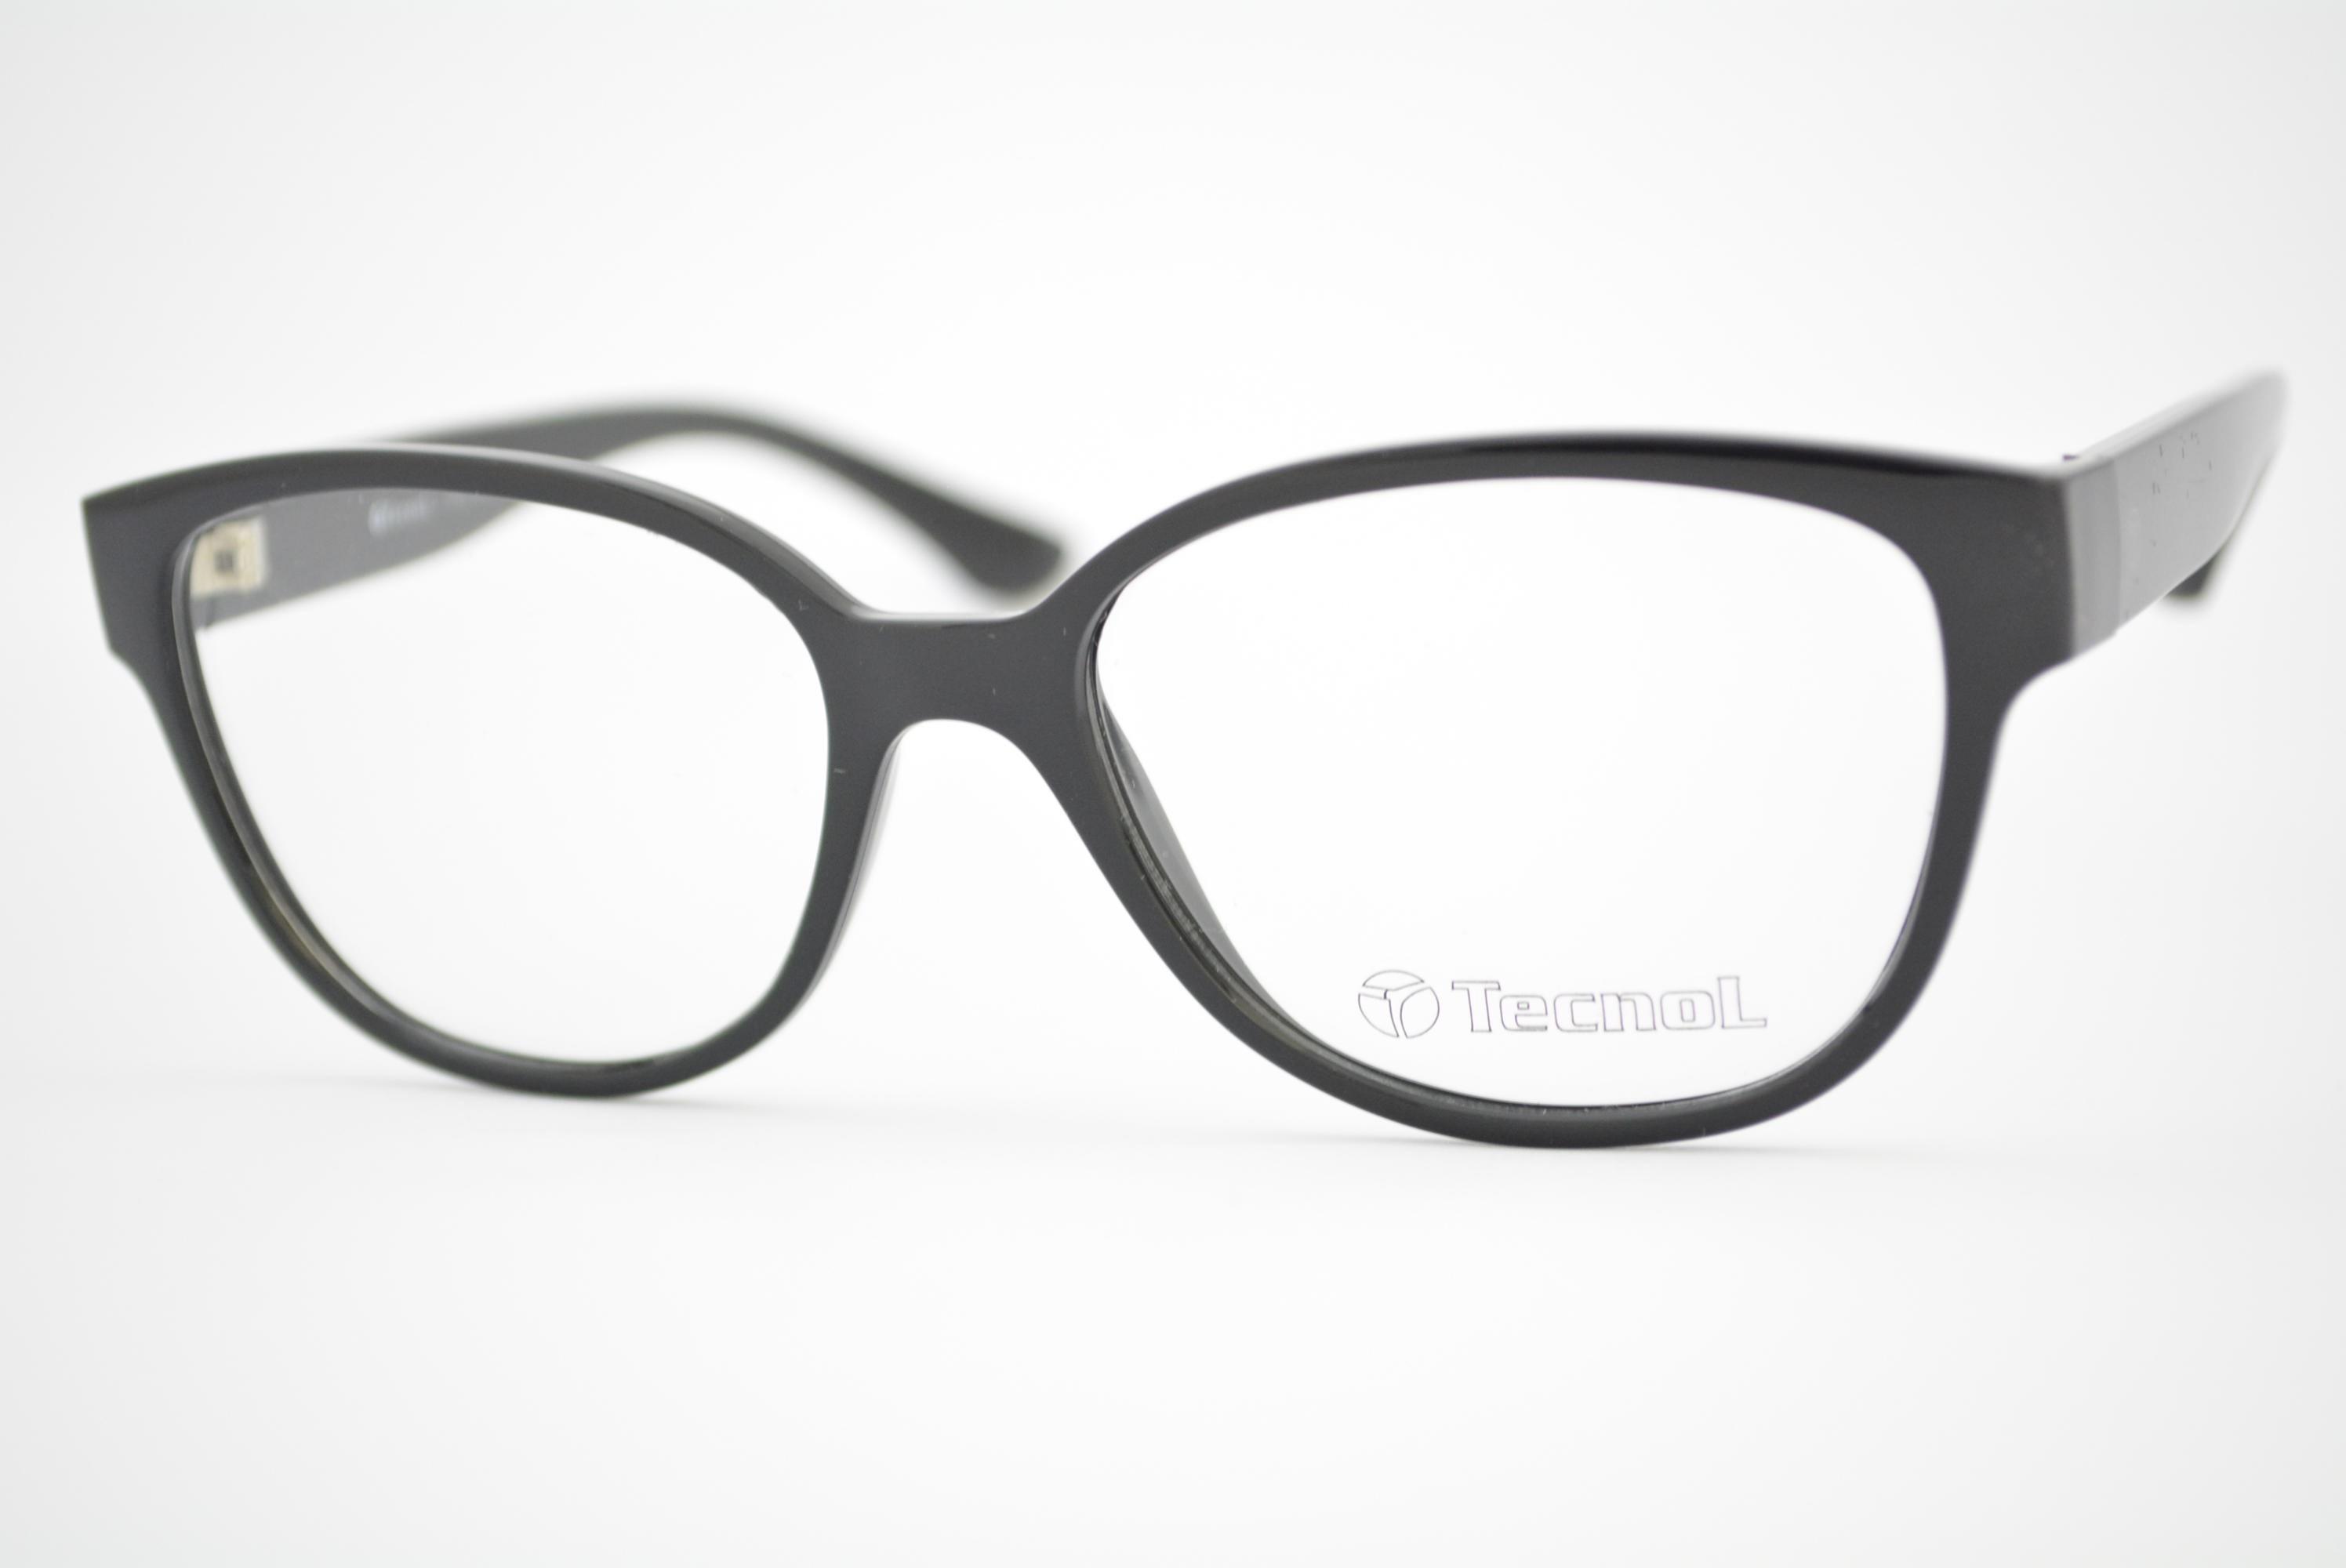 armação de óculos Tecnol mod tn3039 e771 Ótica Cardoso b8e4c64b40